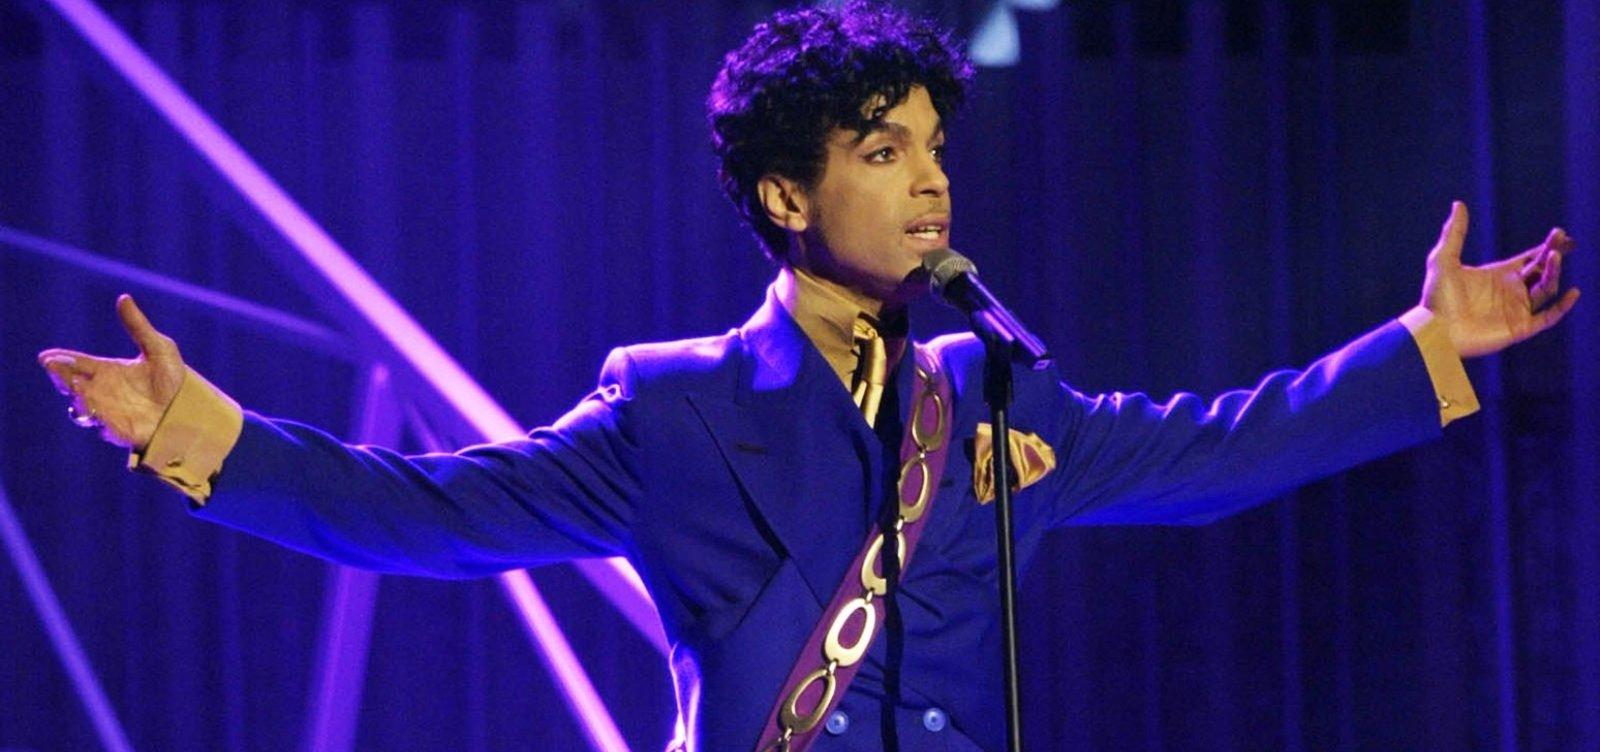 Netflix produzirá série sobre a vida de Prince: 'Ele era um choque para os sentidos'